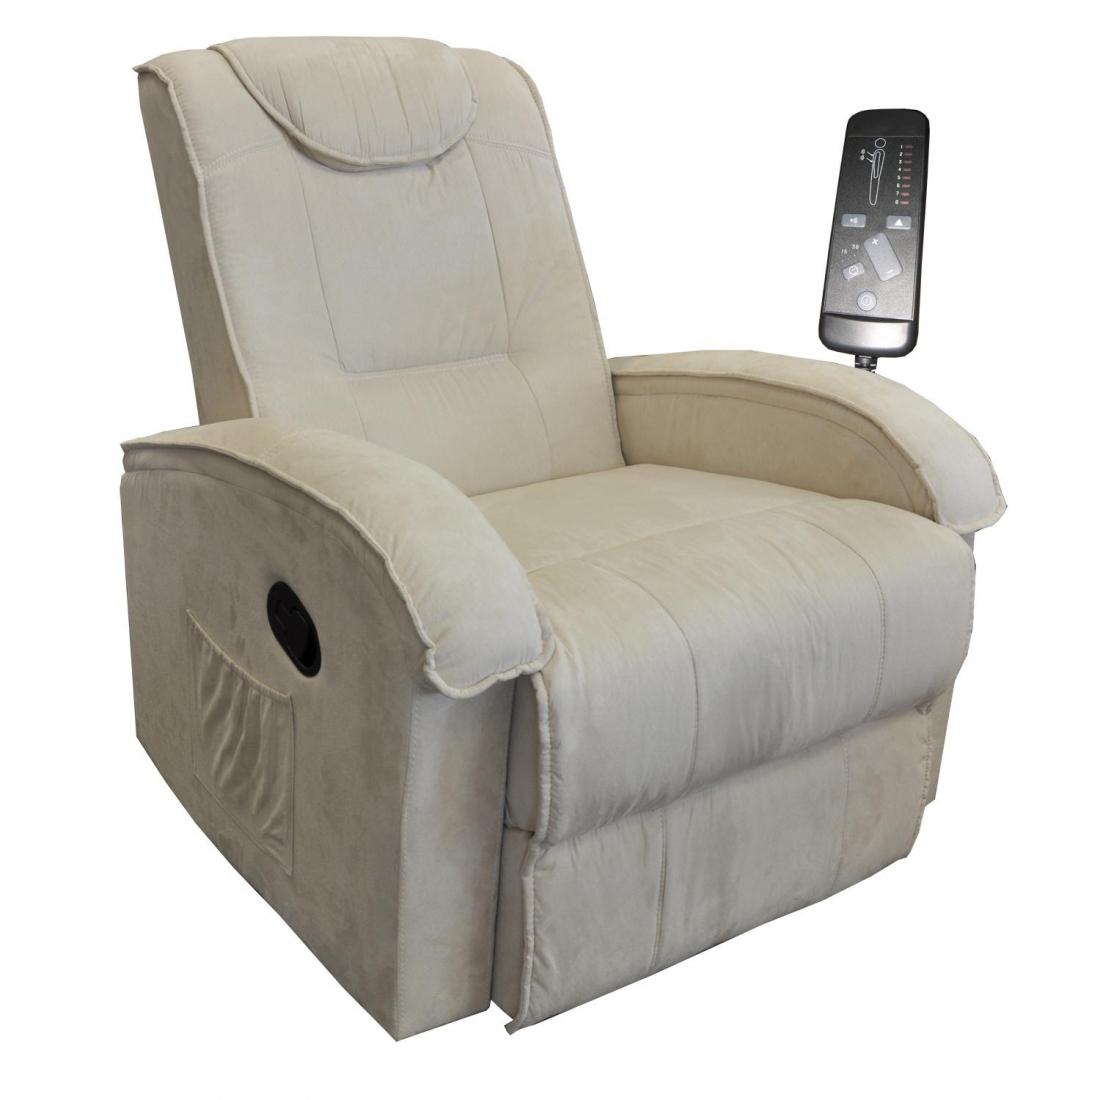 <![CDATA[Relaxační masážní křeslo BOB béžová K40 Idea]]>